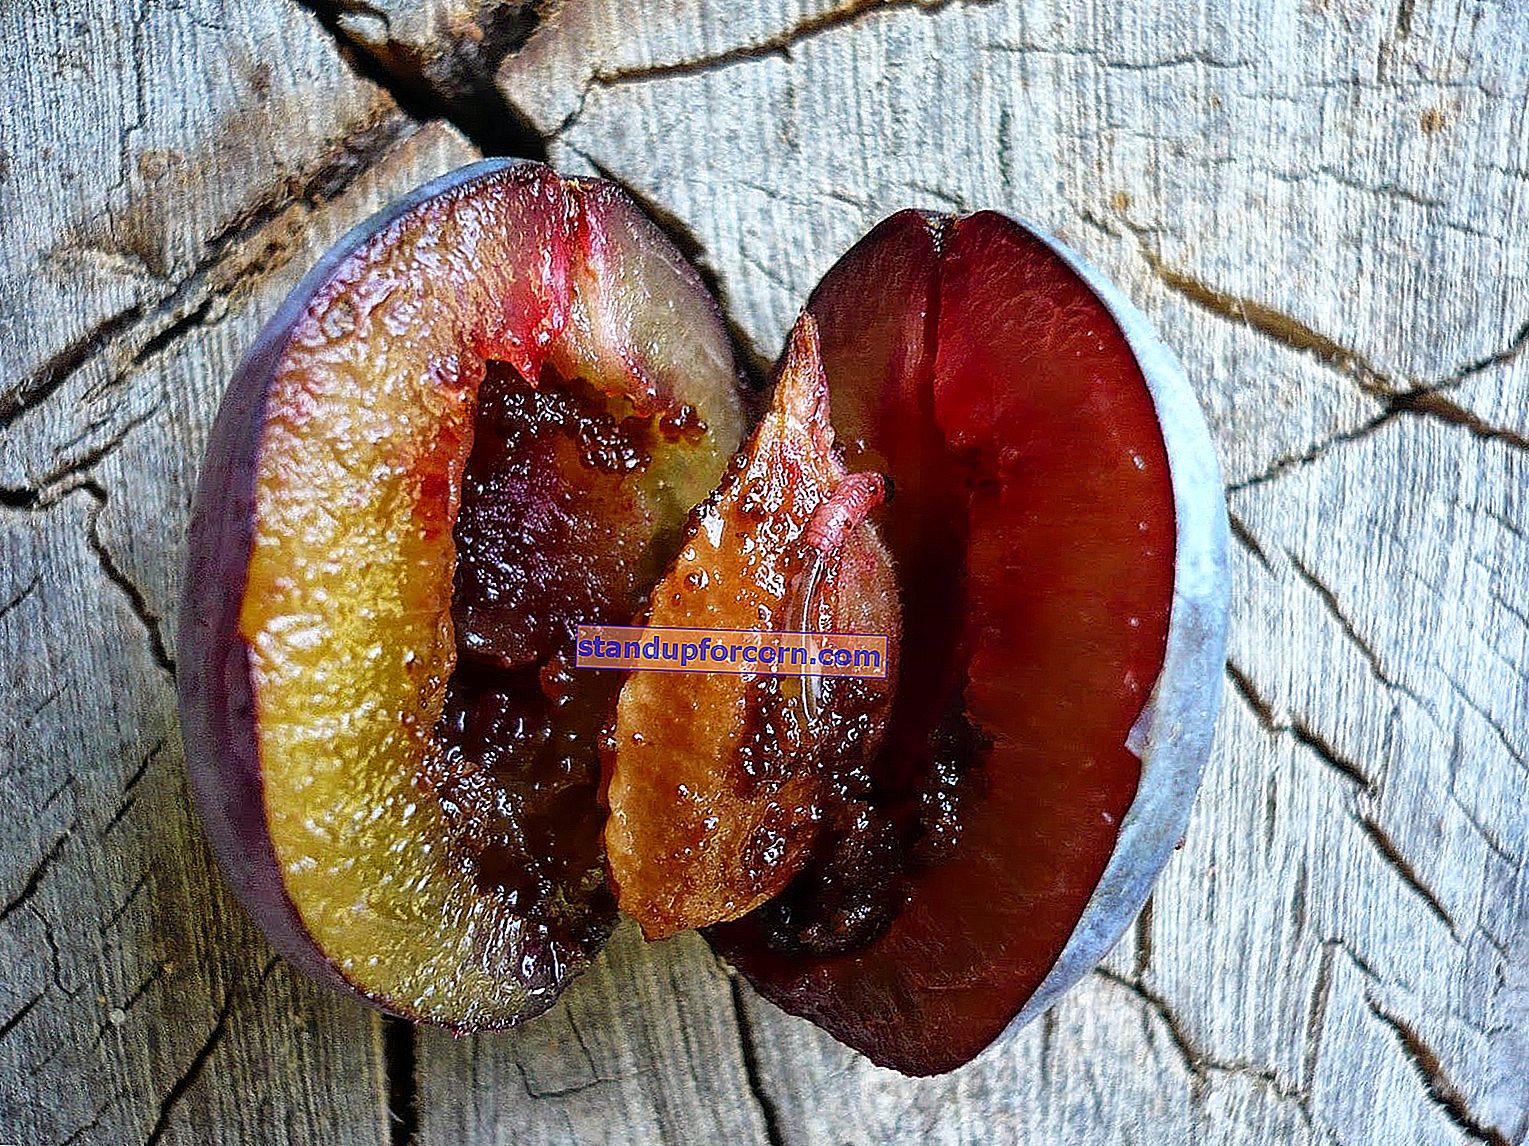 Plommefrukt - bekjempelse, sprøyting på ormer i plommer